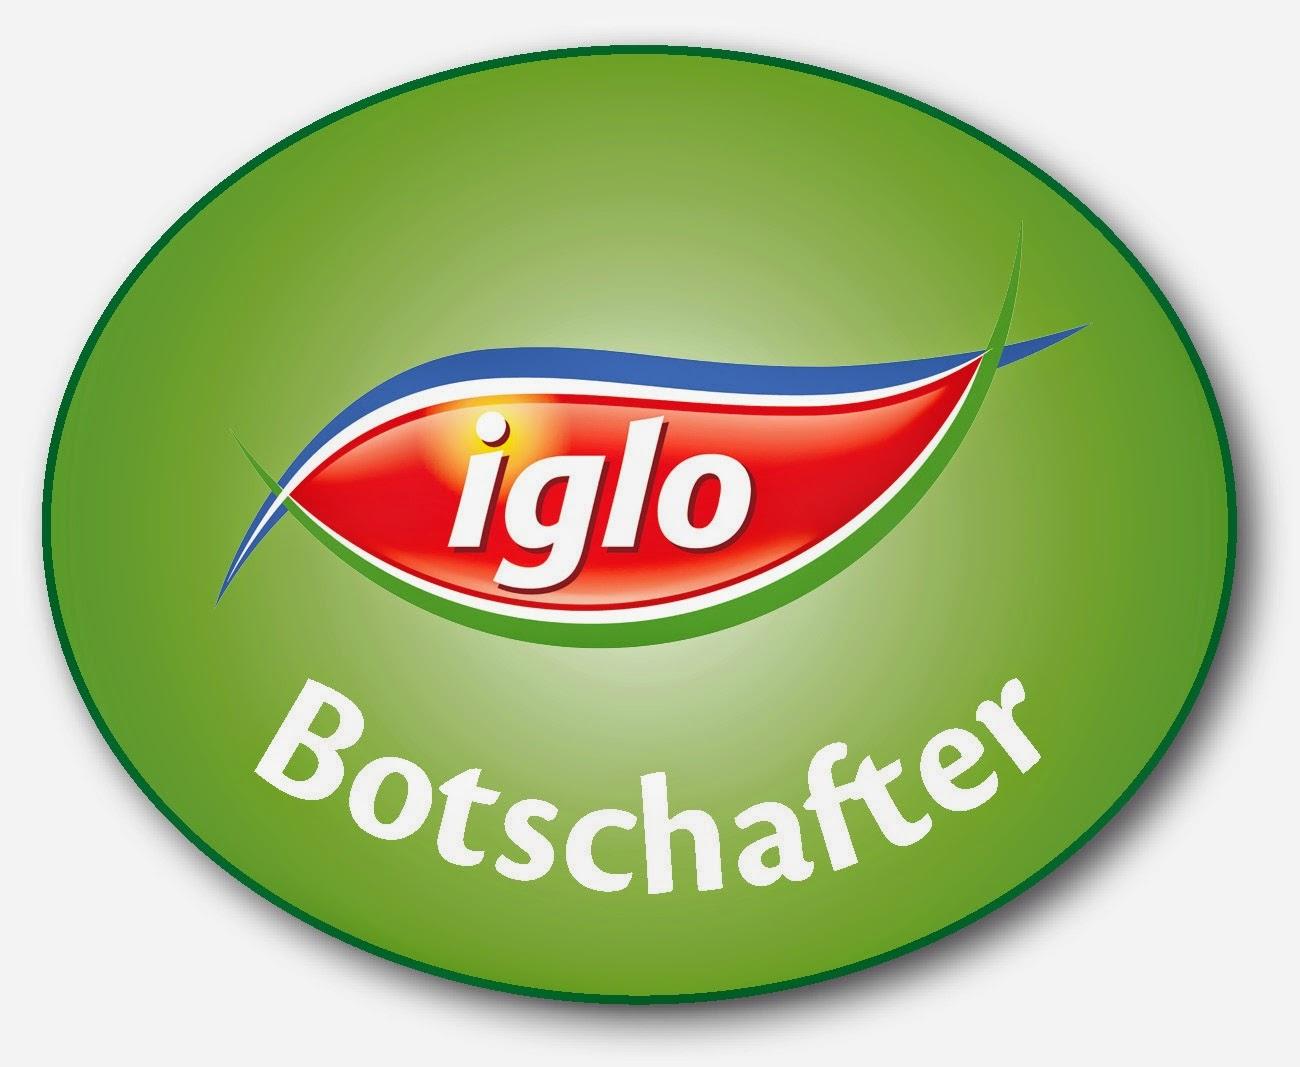 iglo - So schmeckt das Leben!